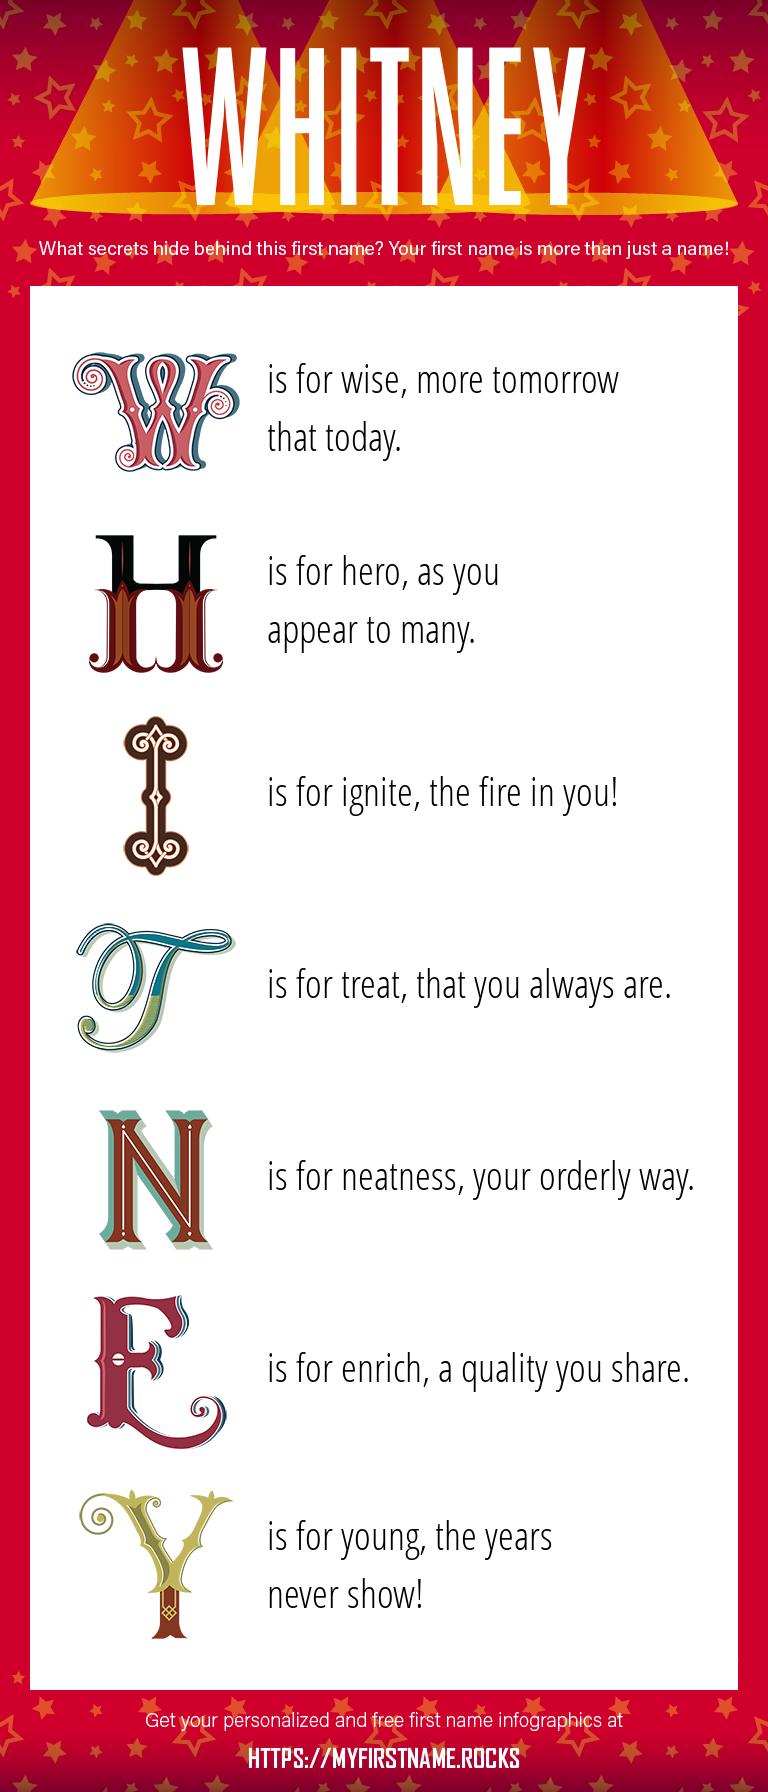 Whitney Infographics